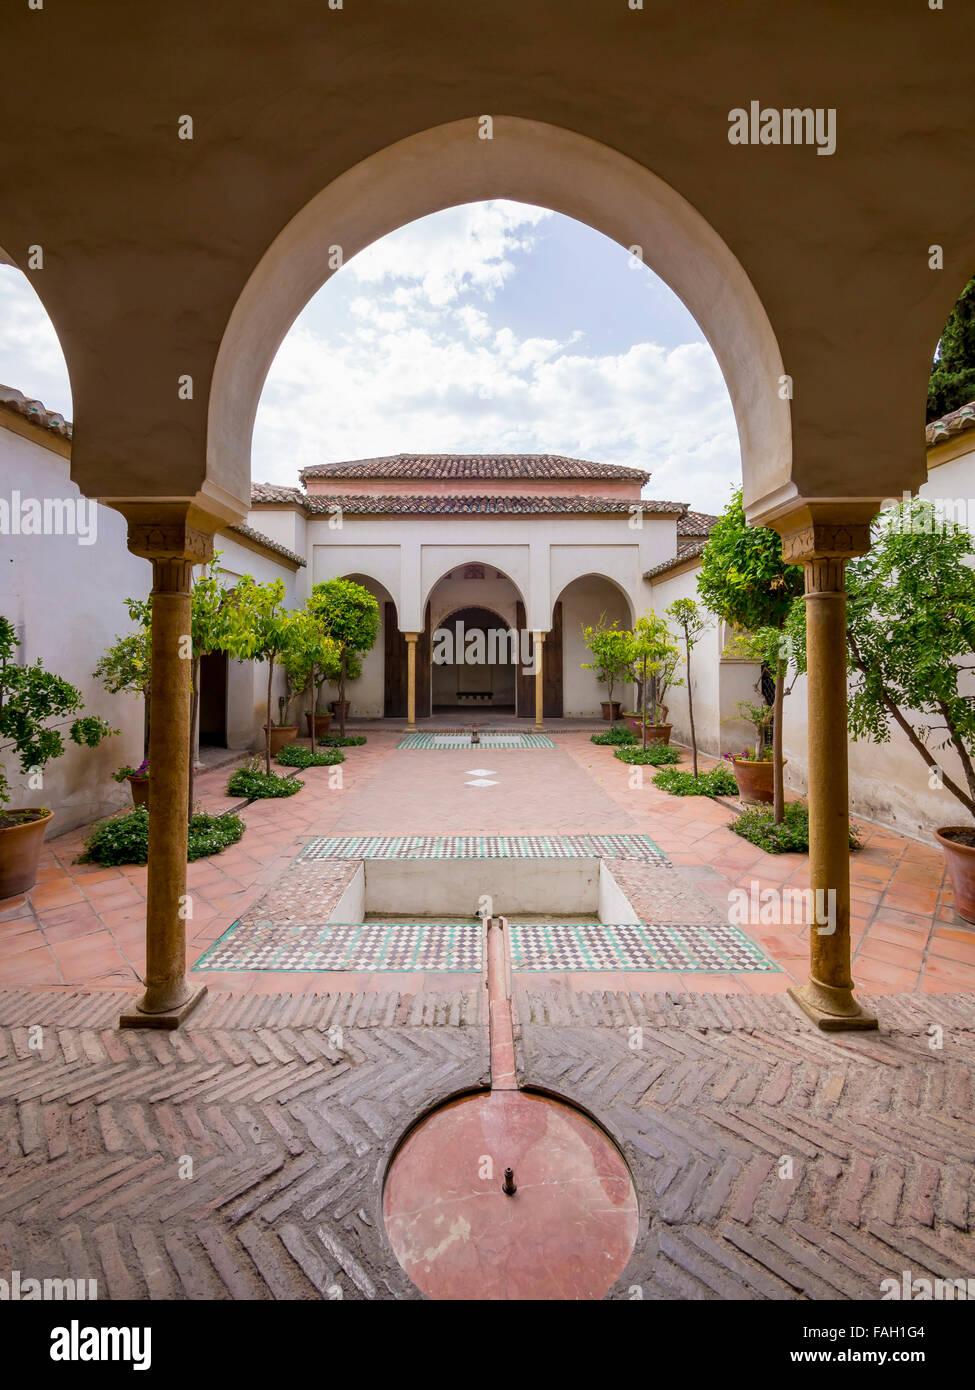 Patio de la alberca alcazaba malaga andaluc a spain for Albercas de patio